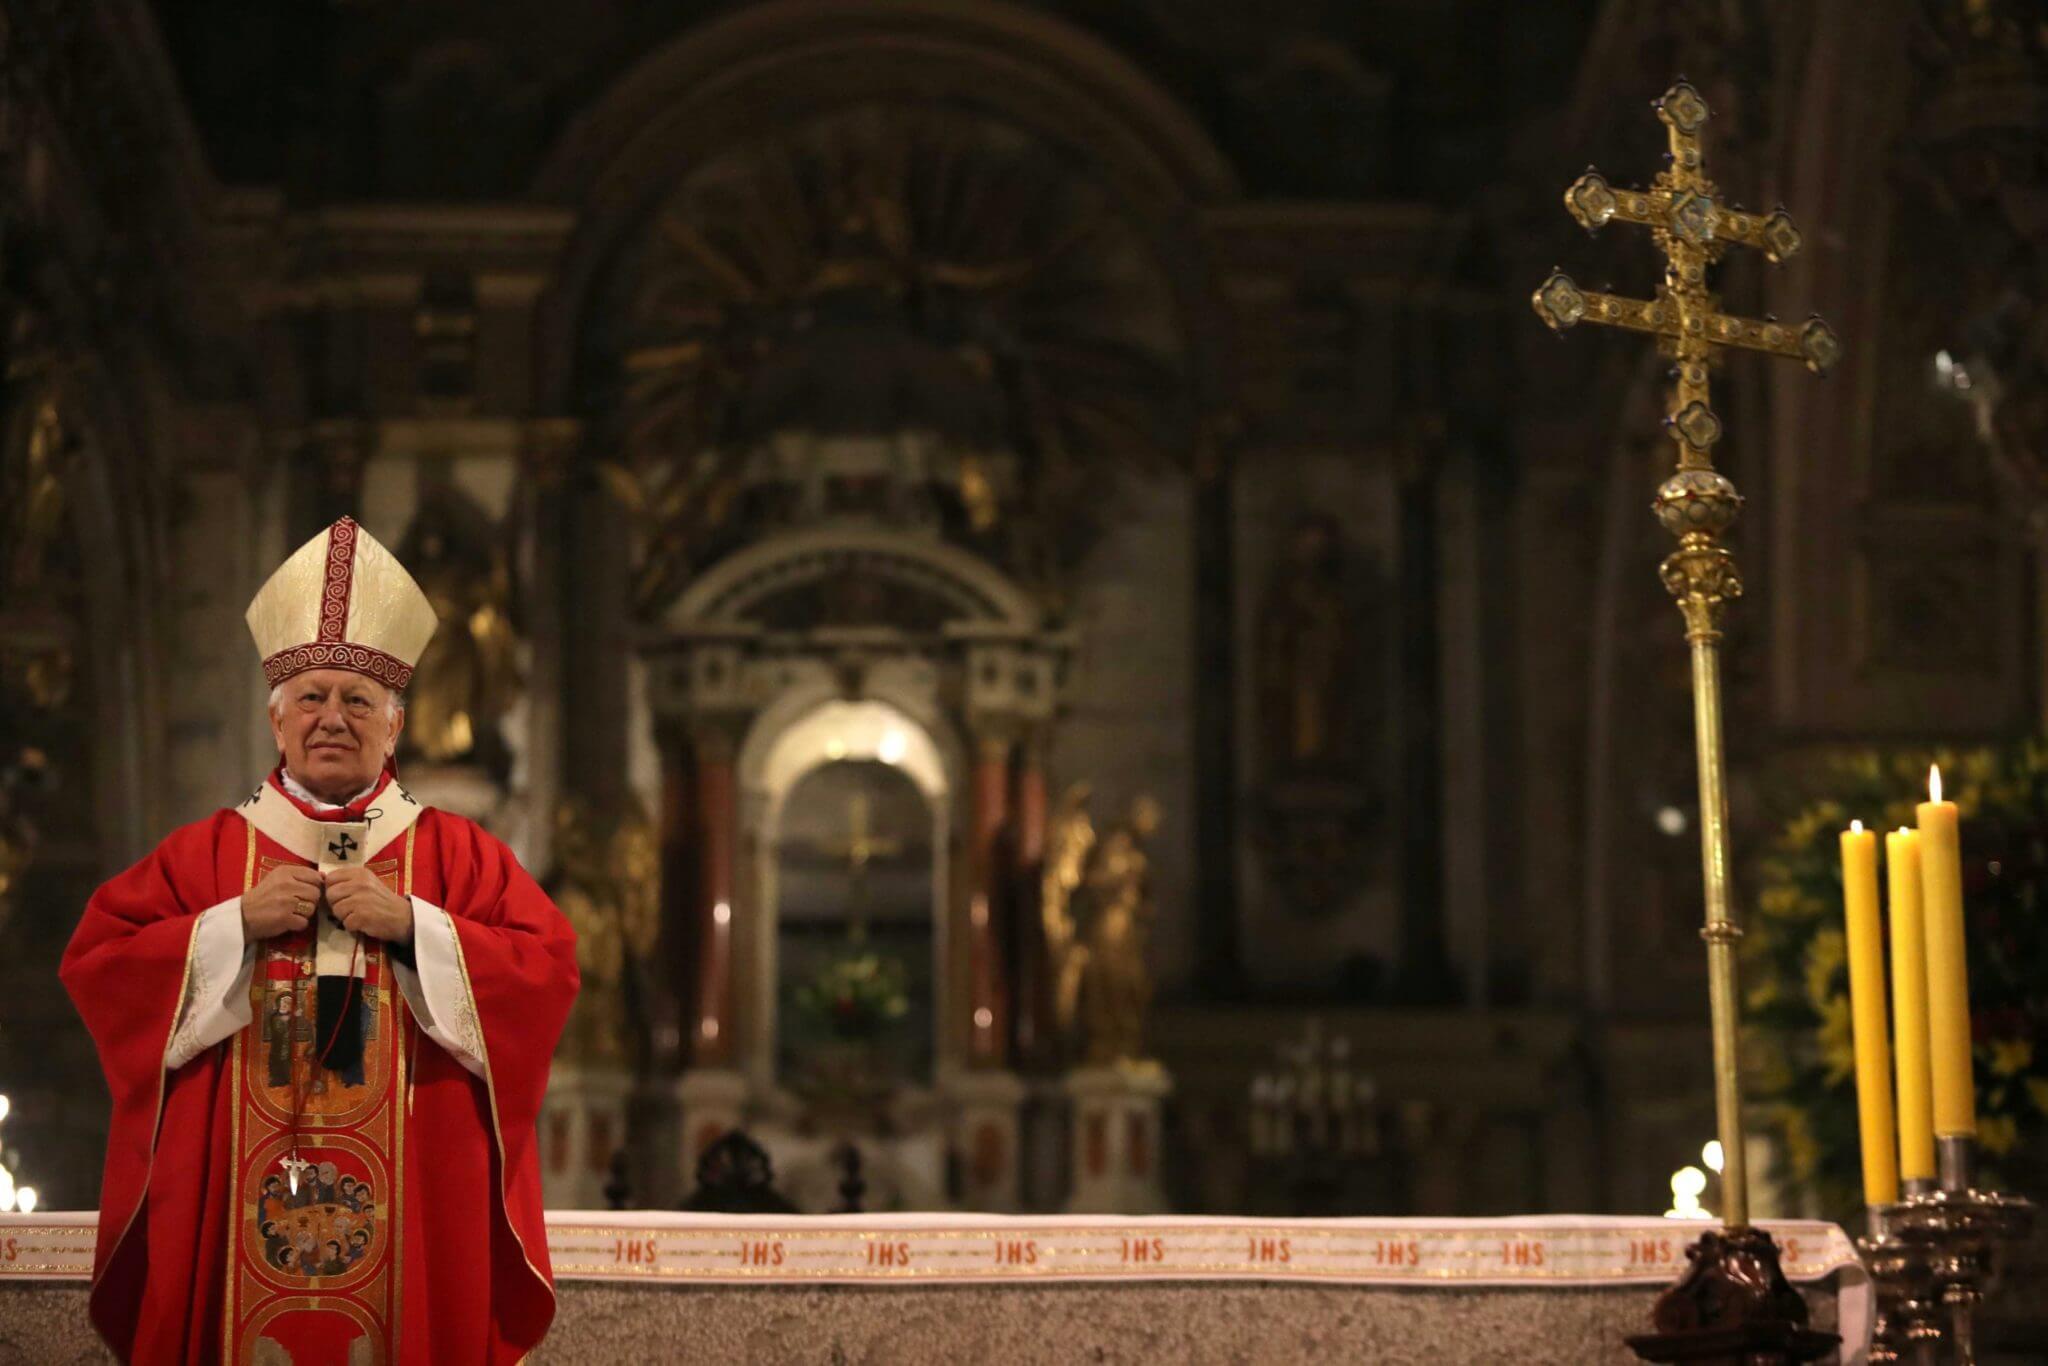 """La Iglesia de Chile pide disculpas por un manual que alerta a sacerdotes contra """"dar palmadas en los glúteos y tocar el área de los genitales"""" a niños"""